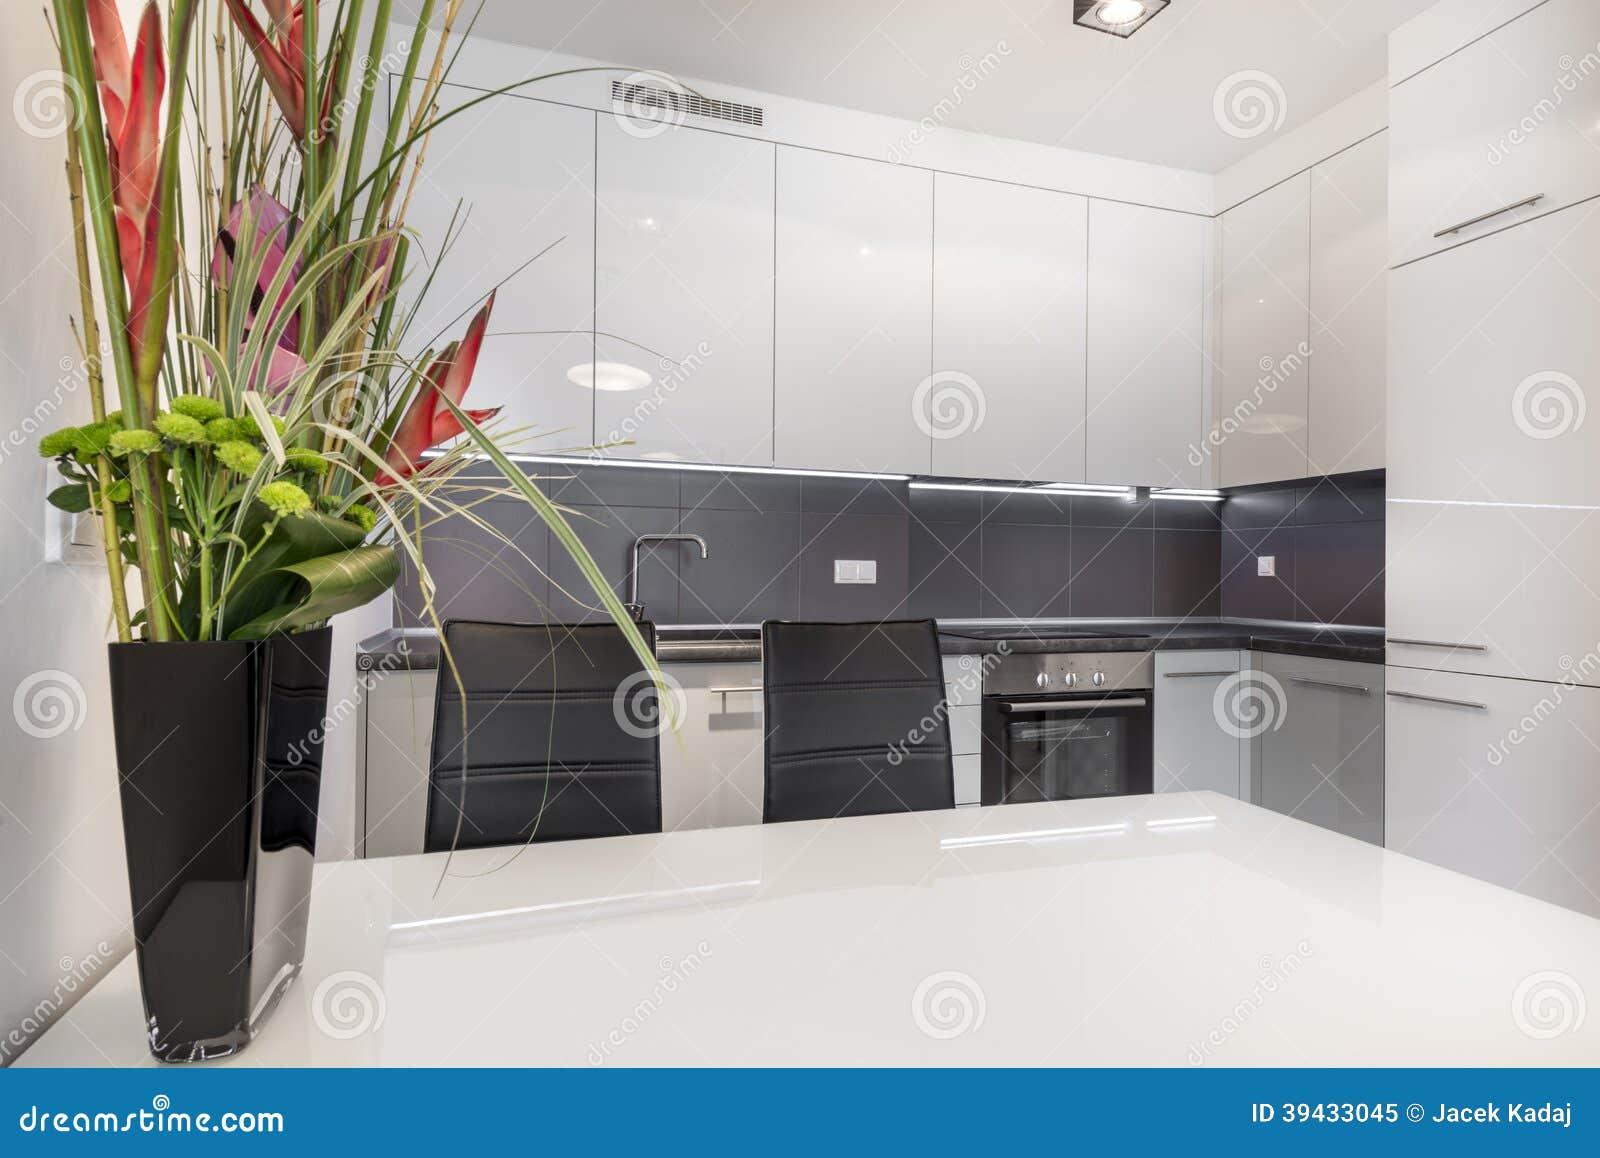 Moderne Witte Keuken Met Witte Lijst Stock Foto - Afbeelding: 39433045